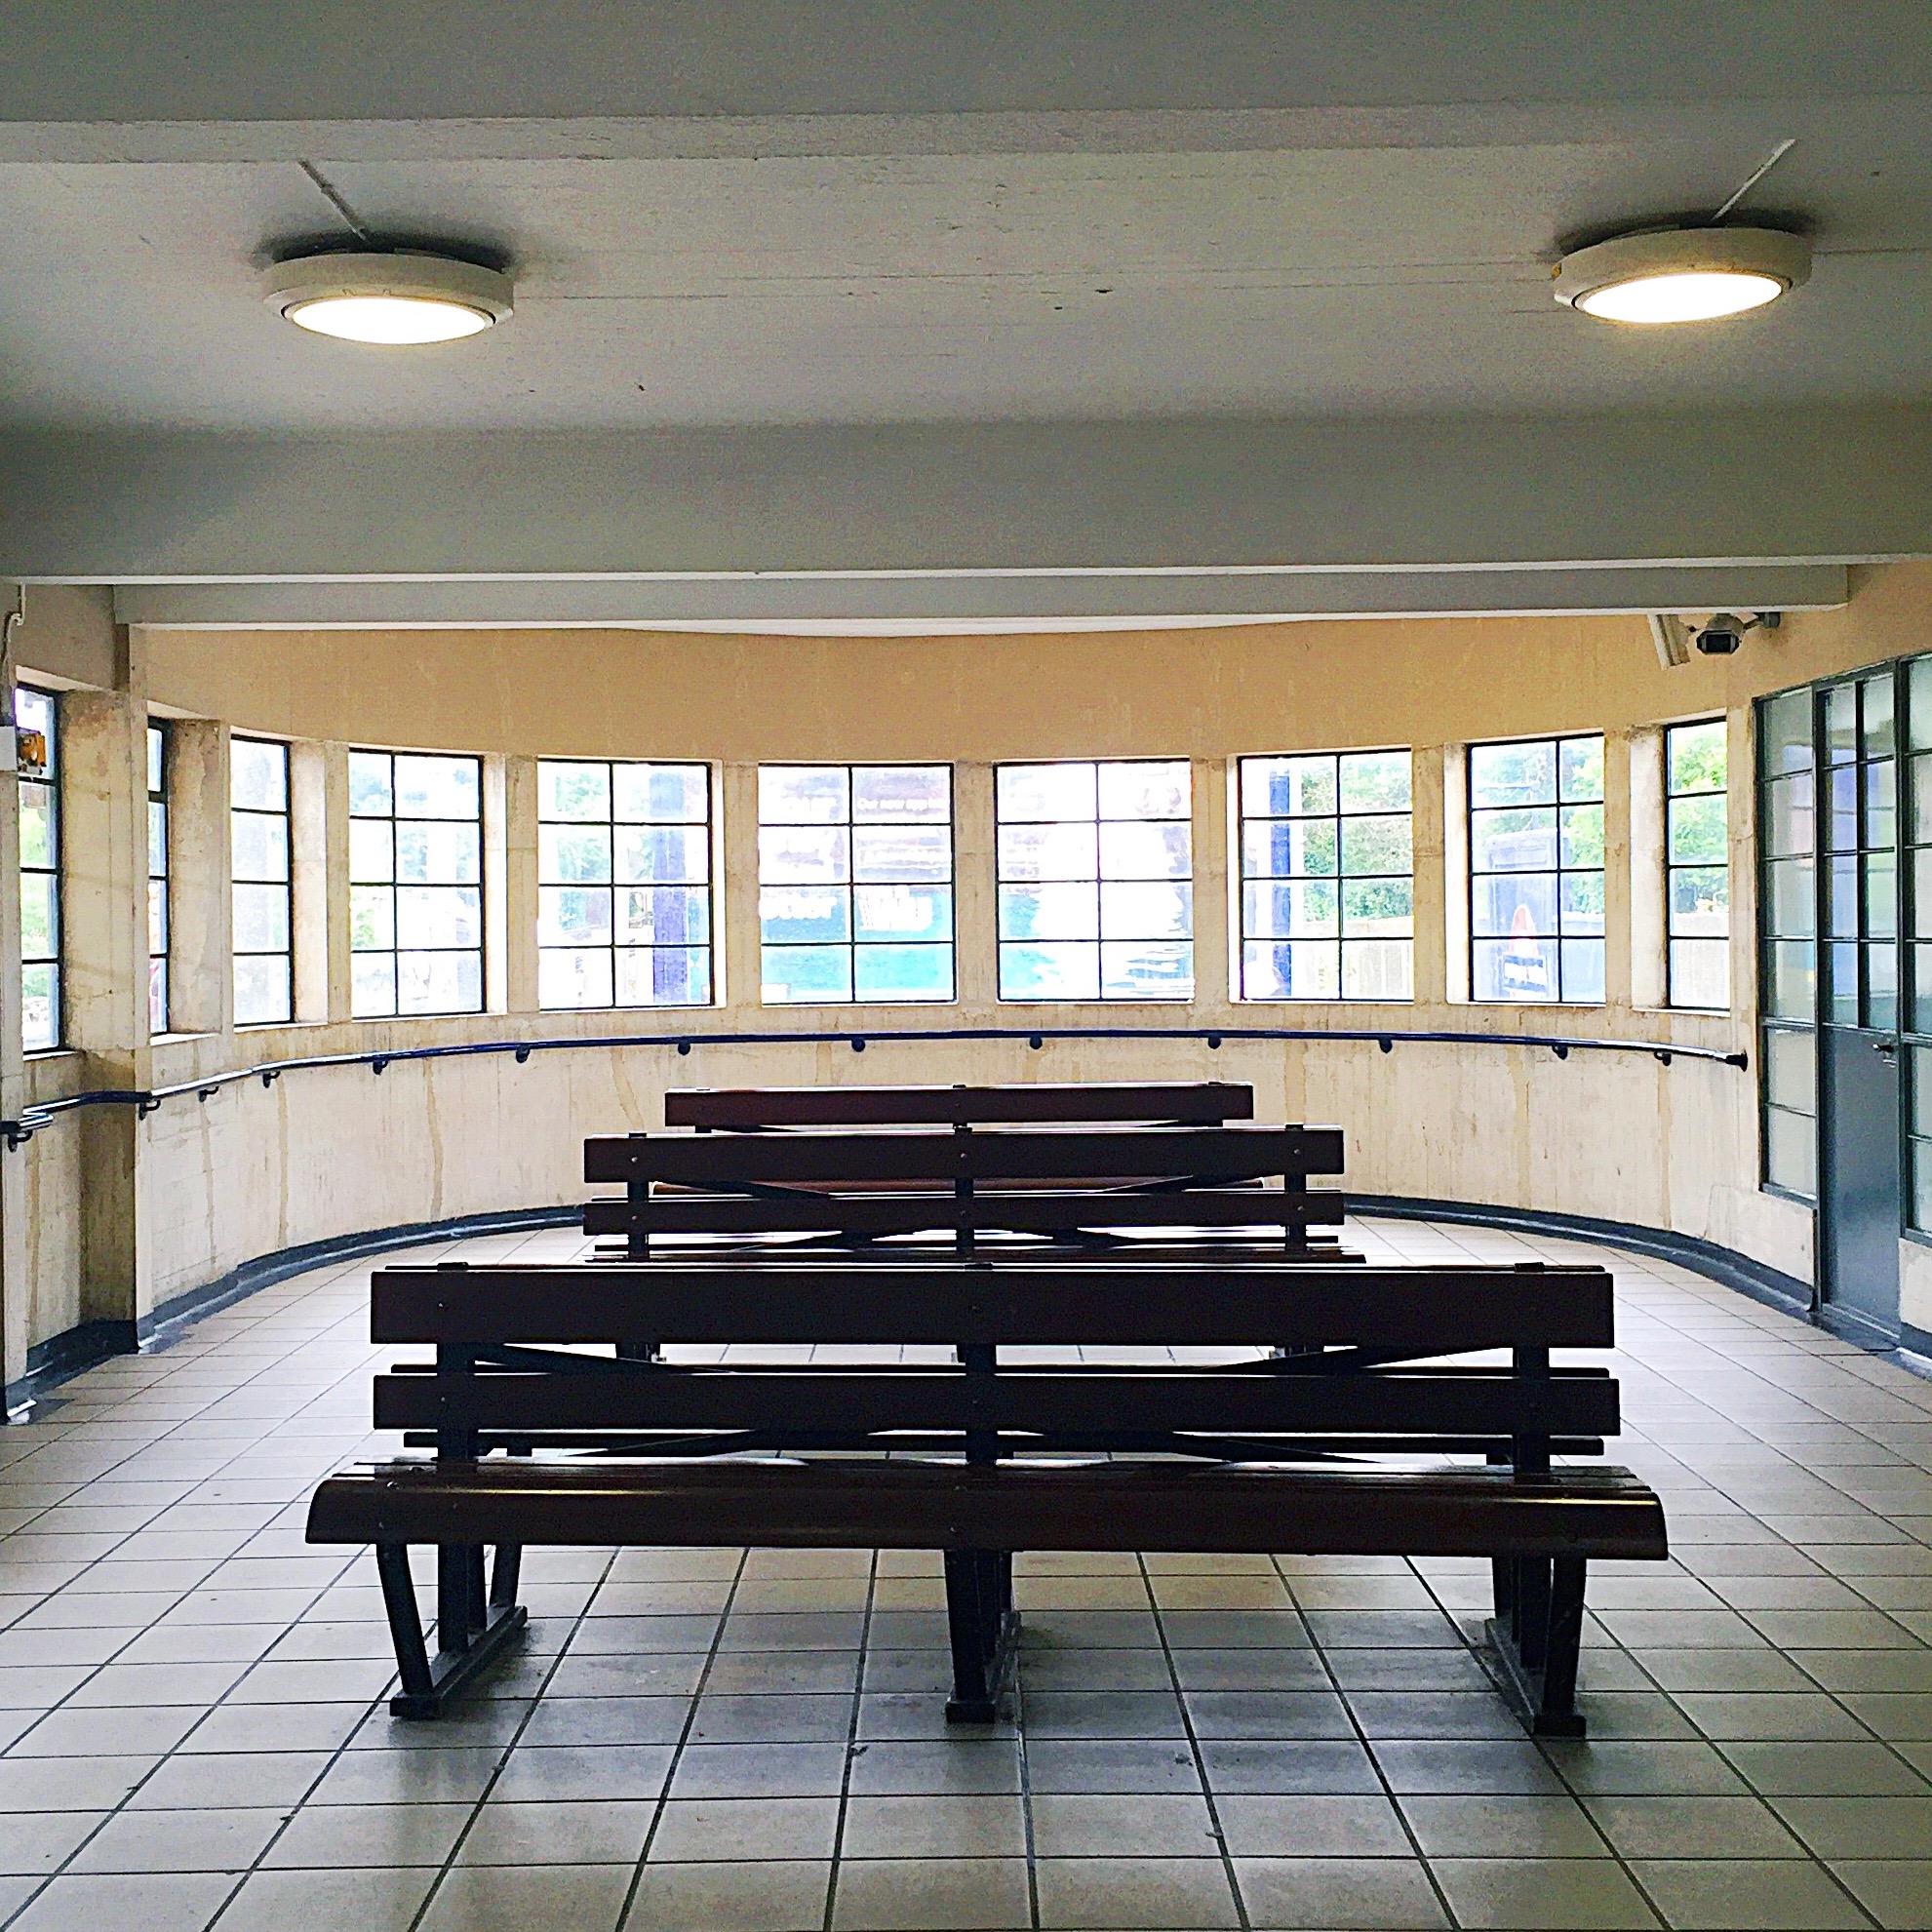 Waiting Room at Sudbury Town.